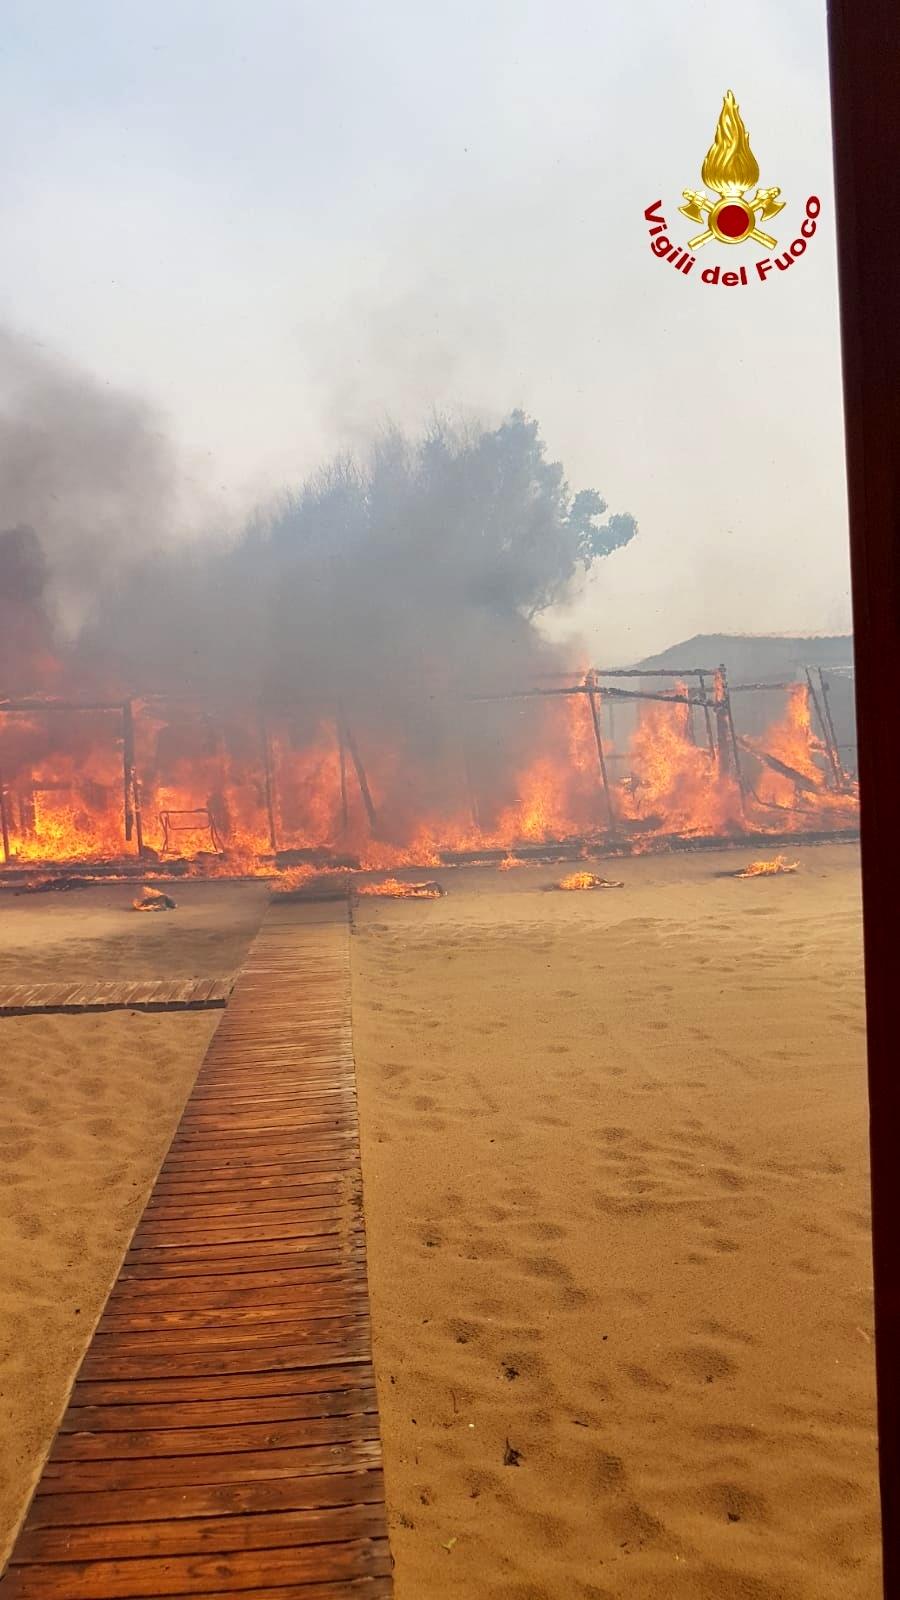 Lido Europa distrutto dalle fiamme 2-2